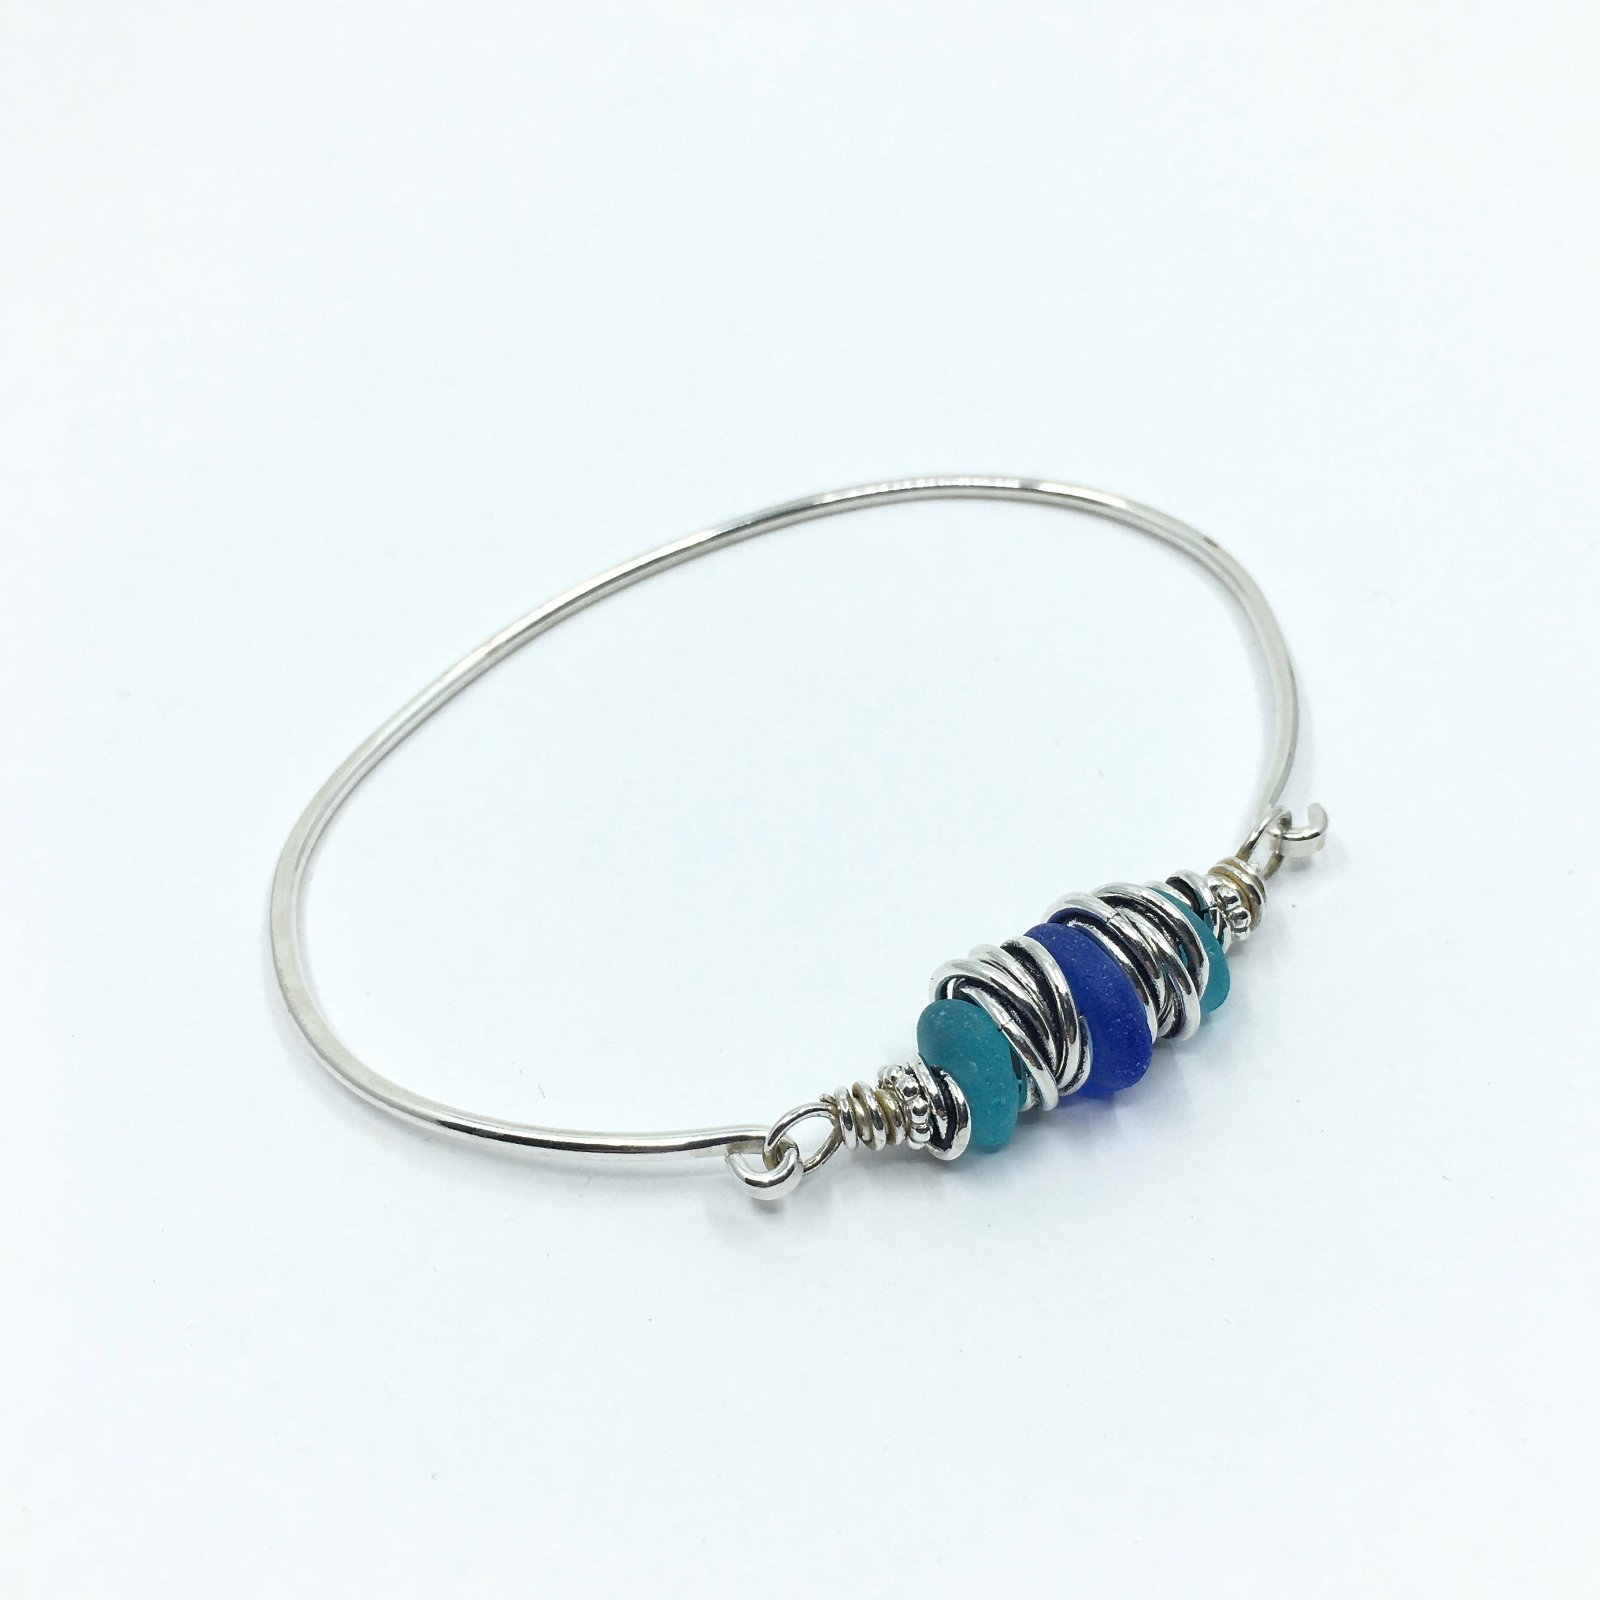 Carolyn Roche Sea Glass Bracelet